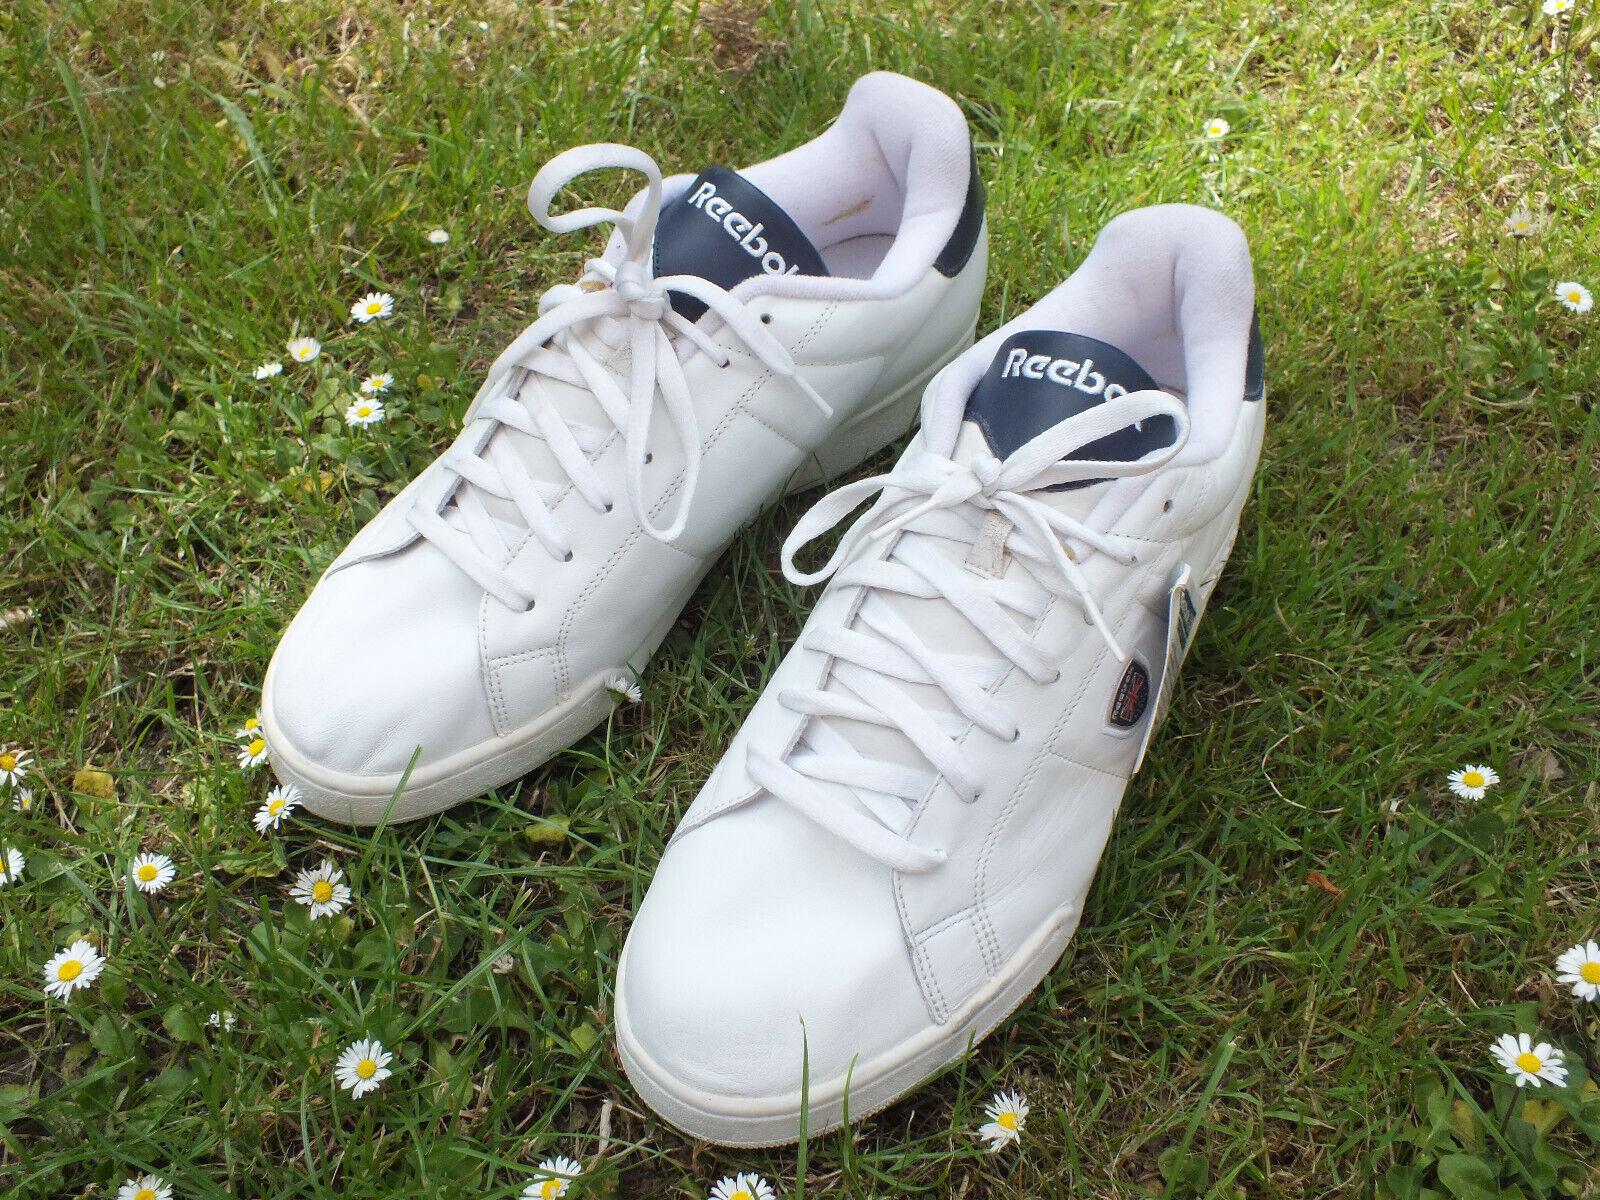 Nuevas Zapatillas Cuero Clásico REEBOK blancoo 1990s DEADSTOCK 1994 Indonesia